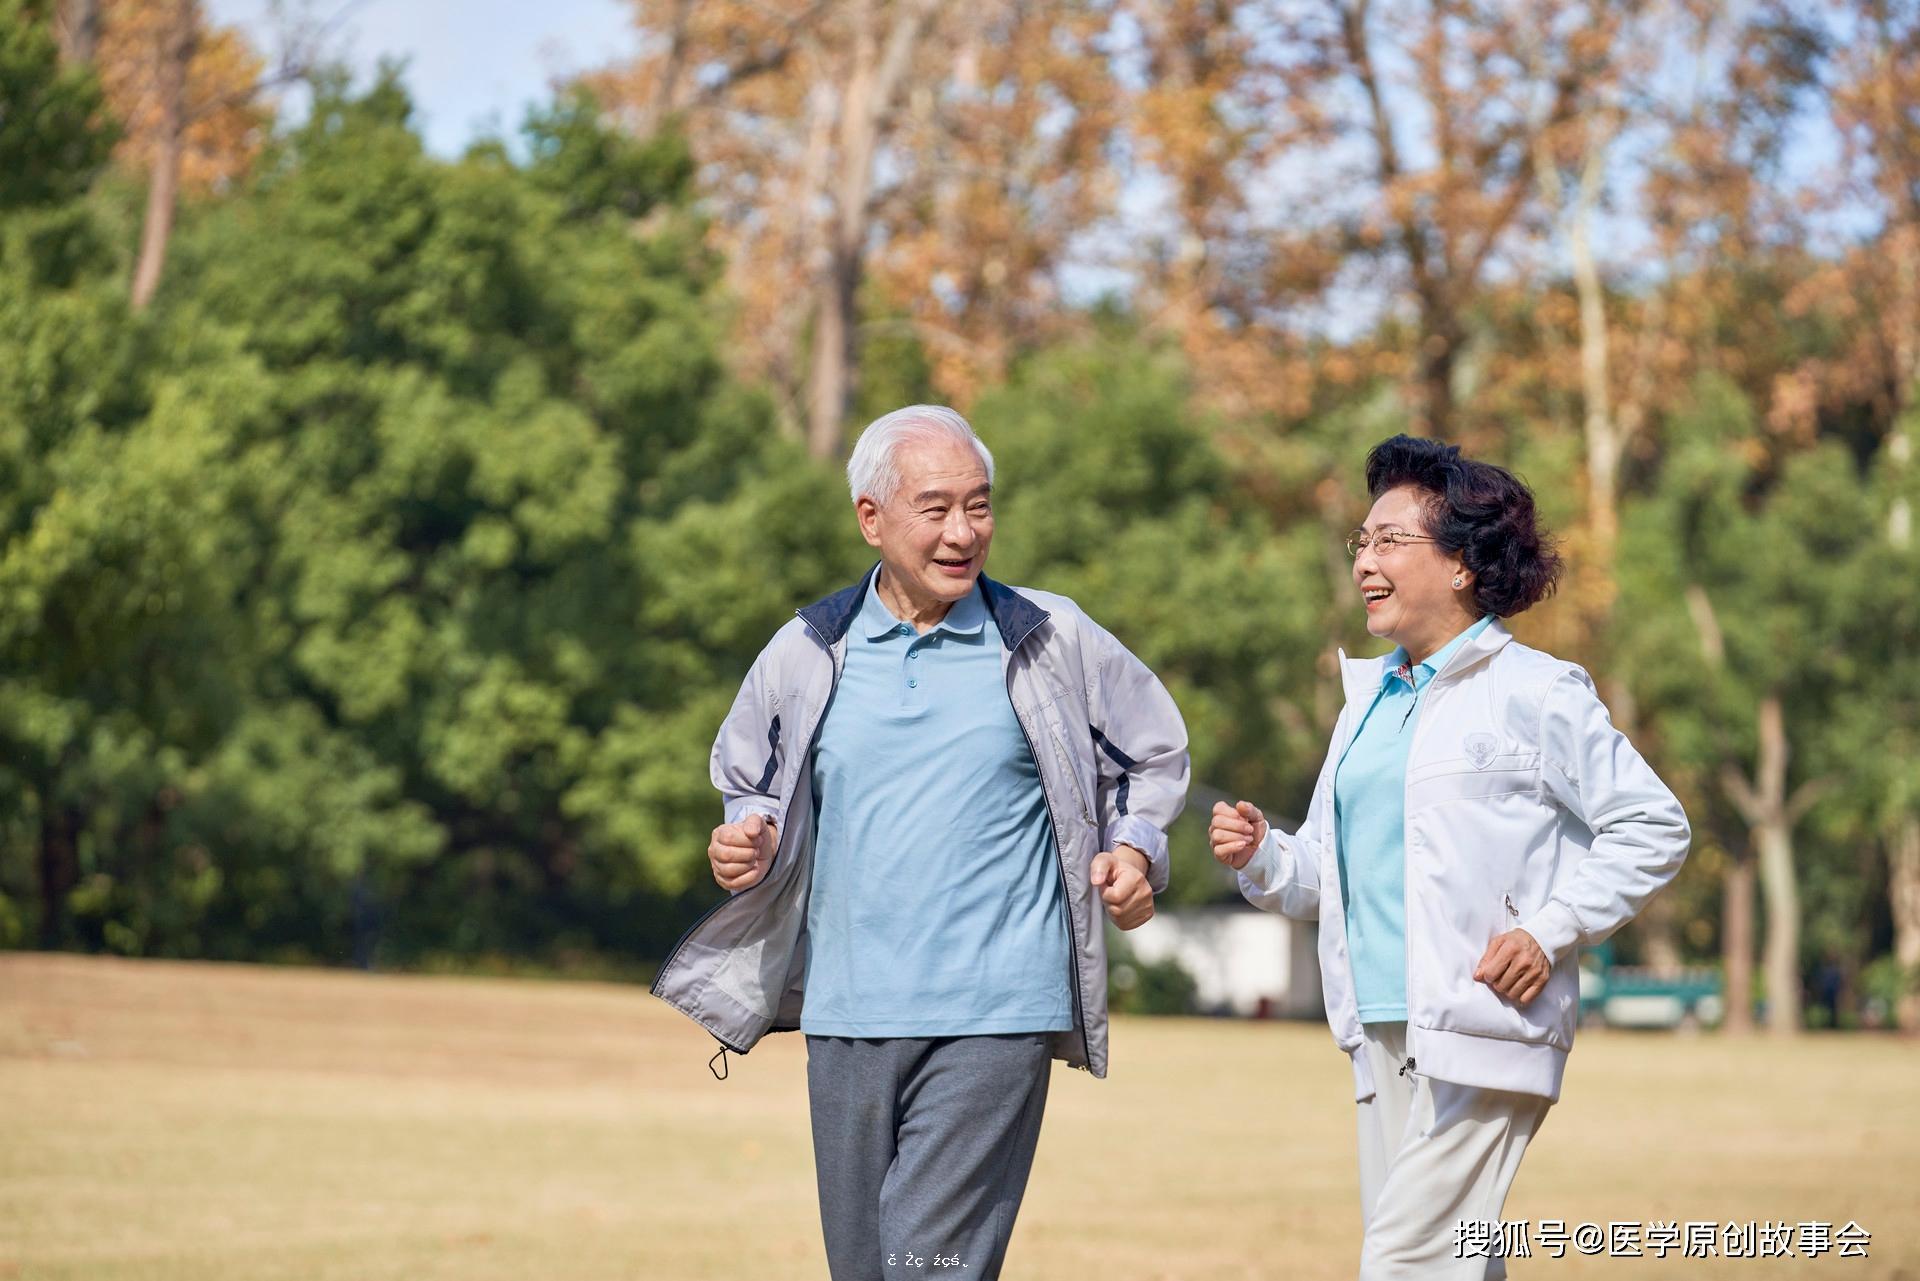 壽命短的人,走路會有六個特征,若你六個都沒有,恭喜你身體硬朗